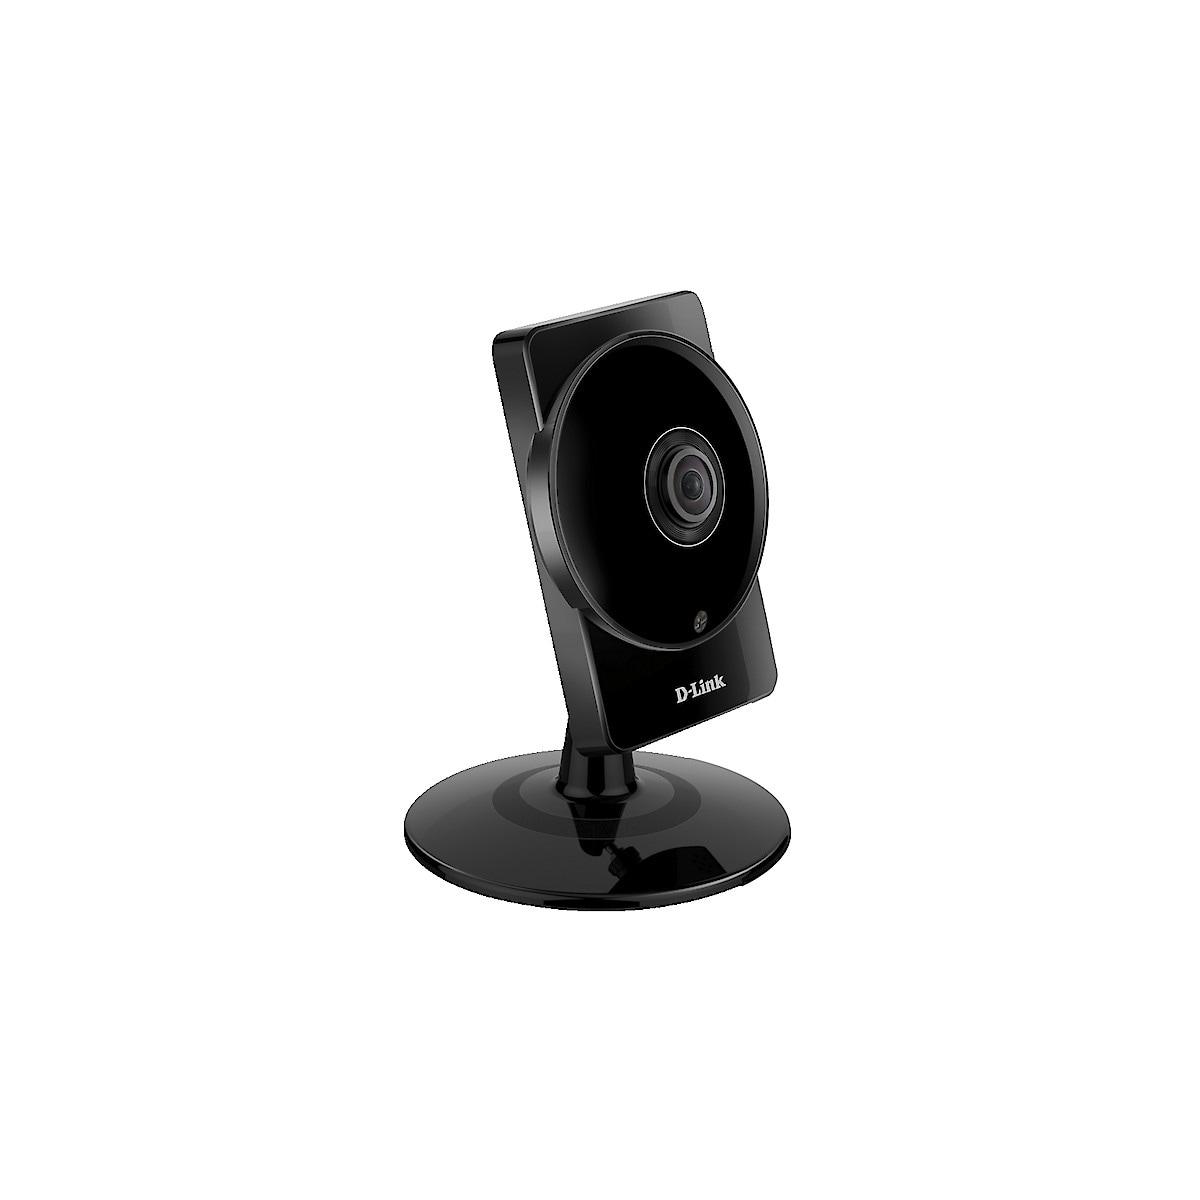 Trådlös IP-kamera D-Link DCS-960L